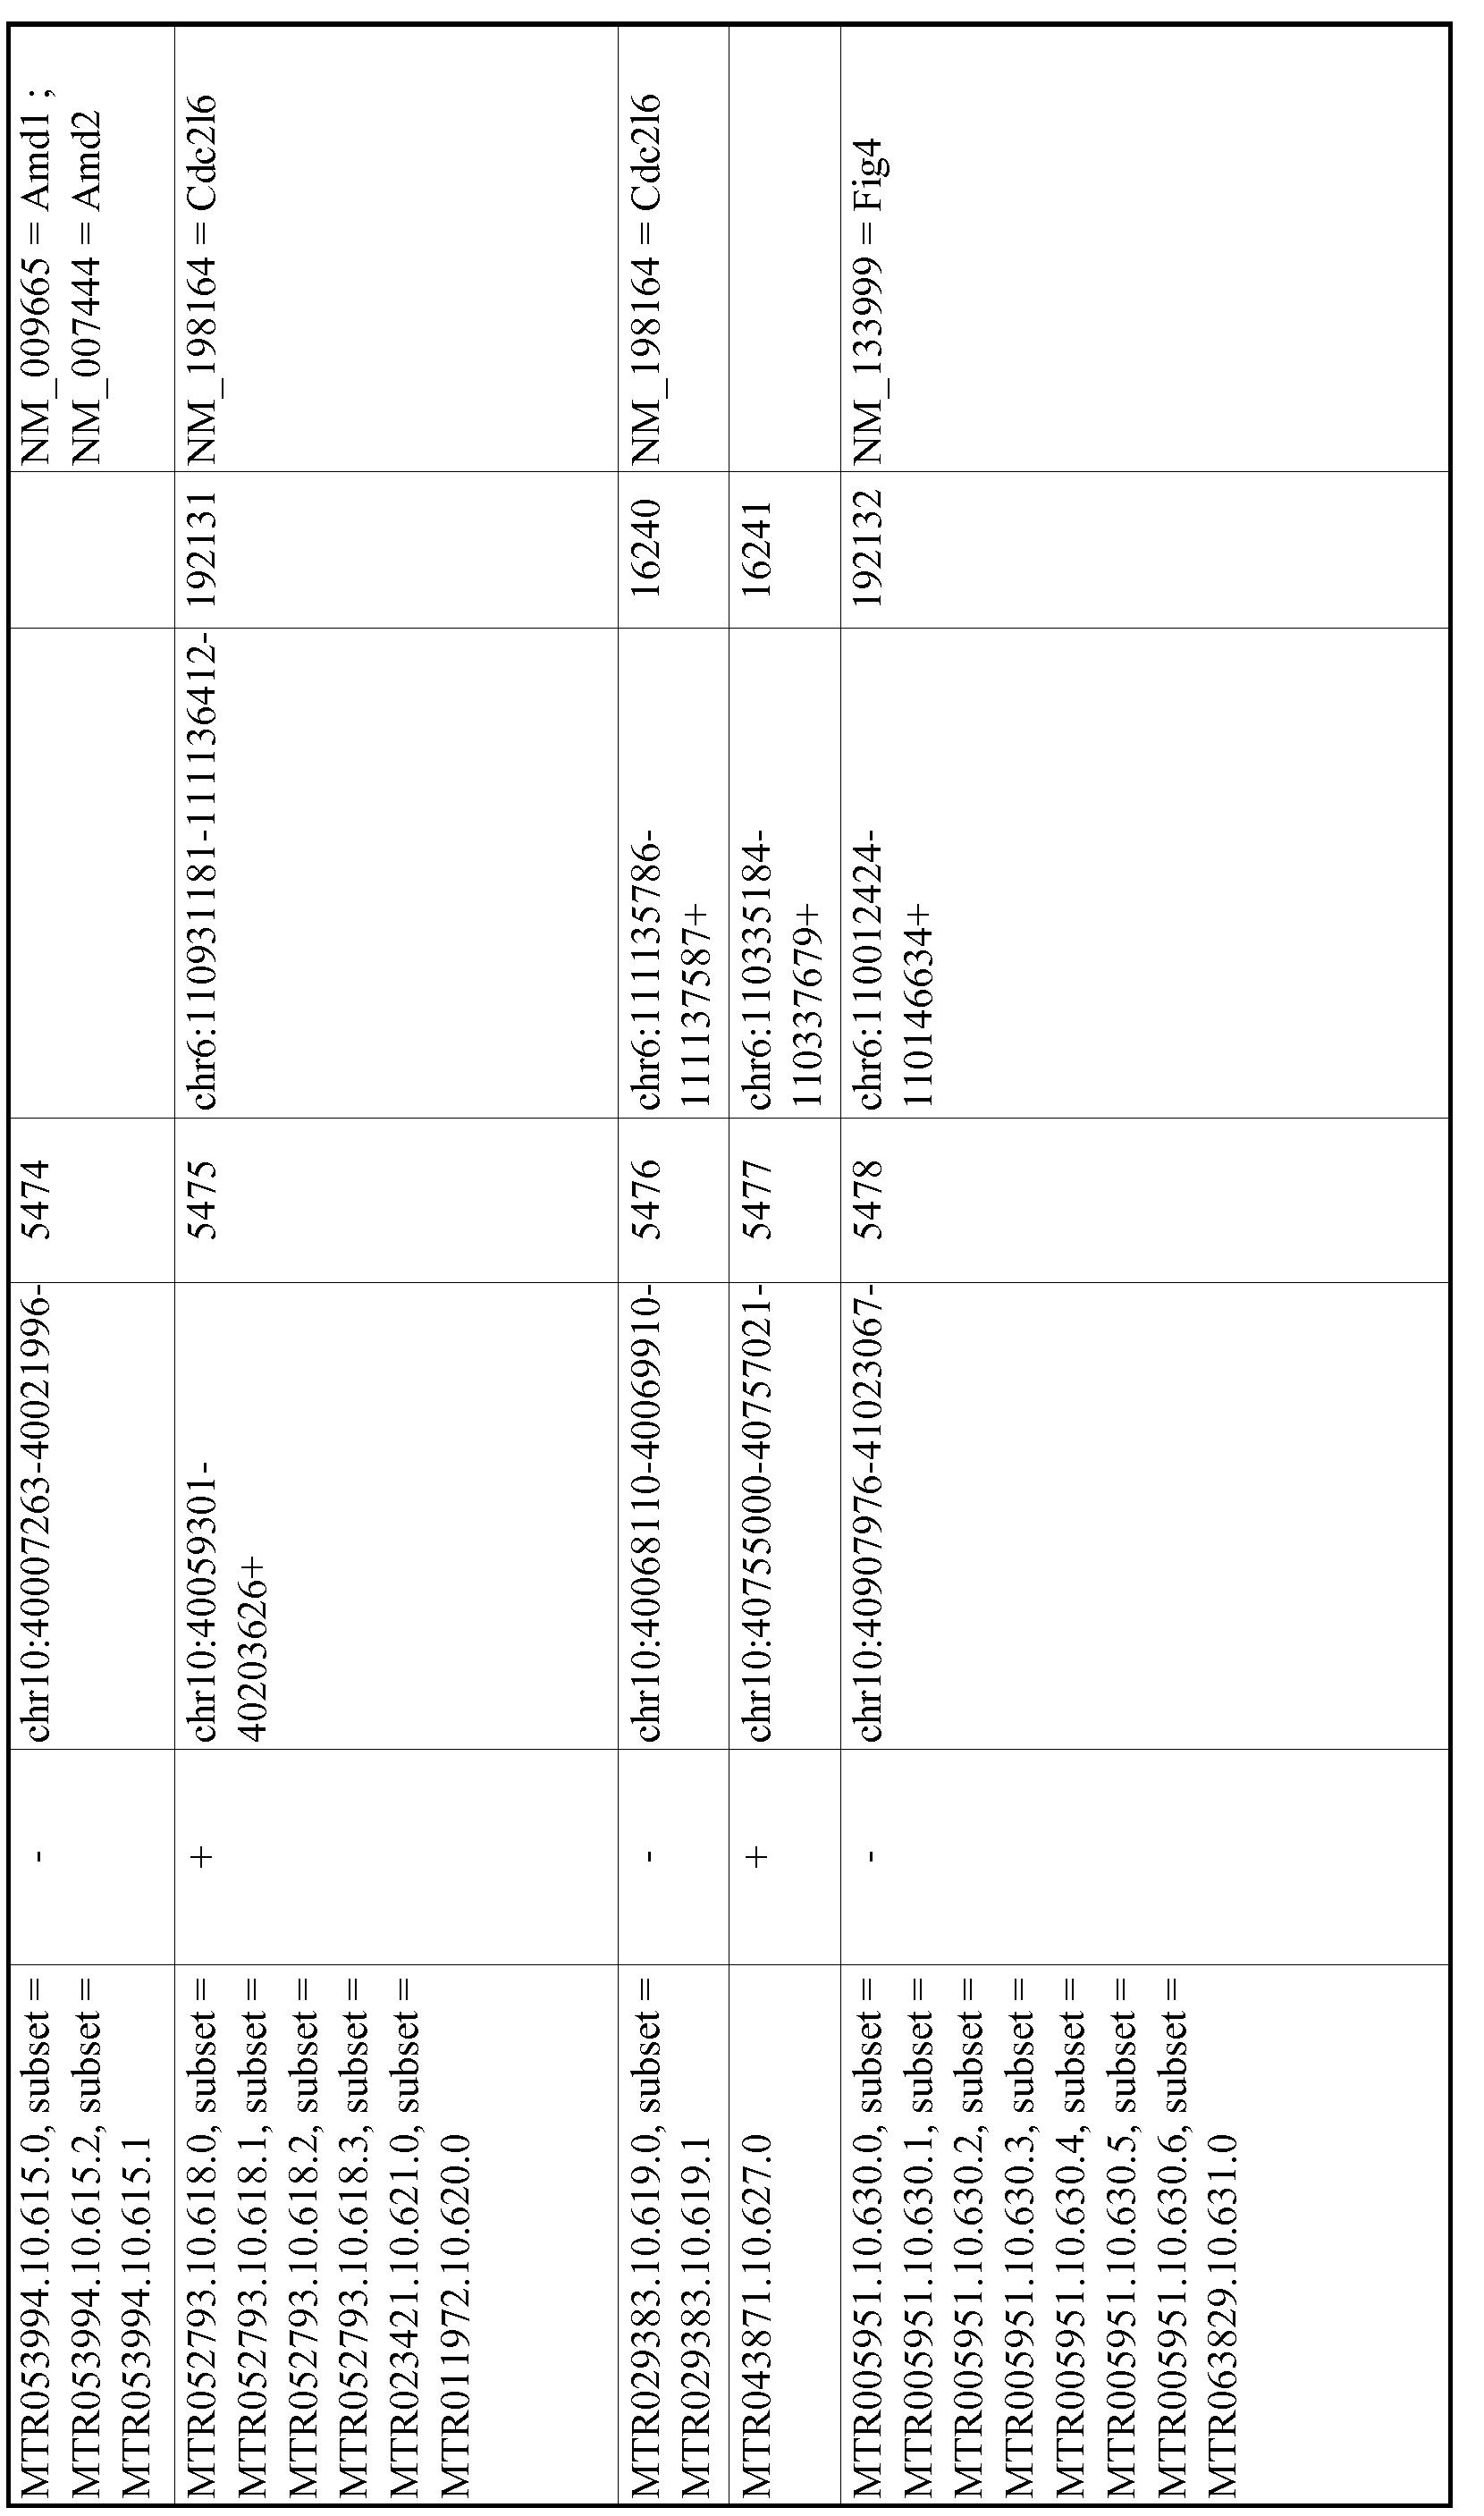 Figure imgf000986_0001